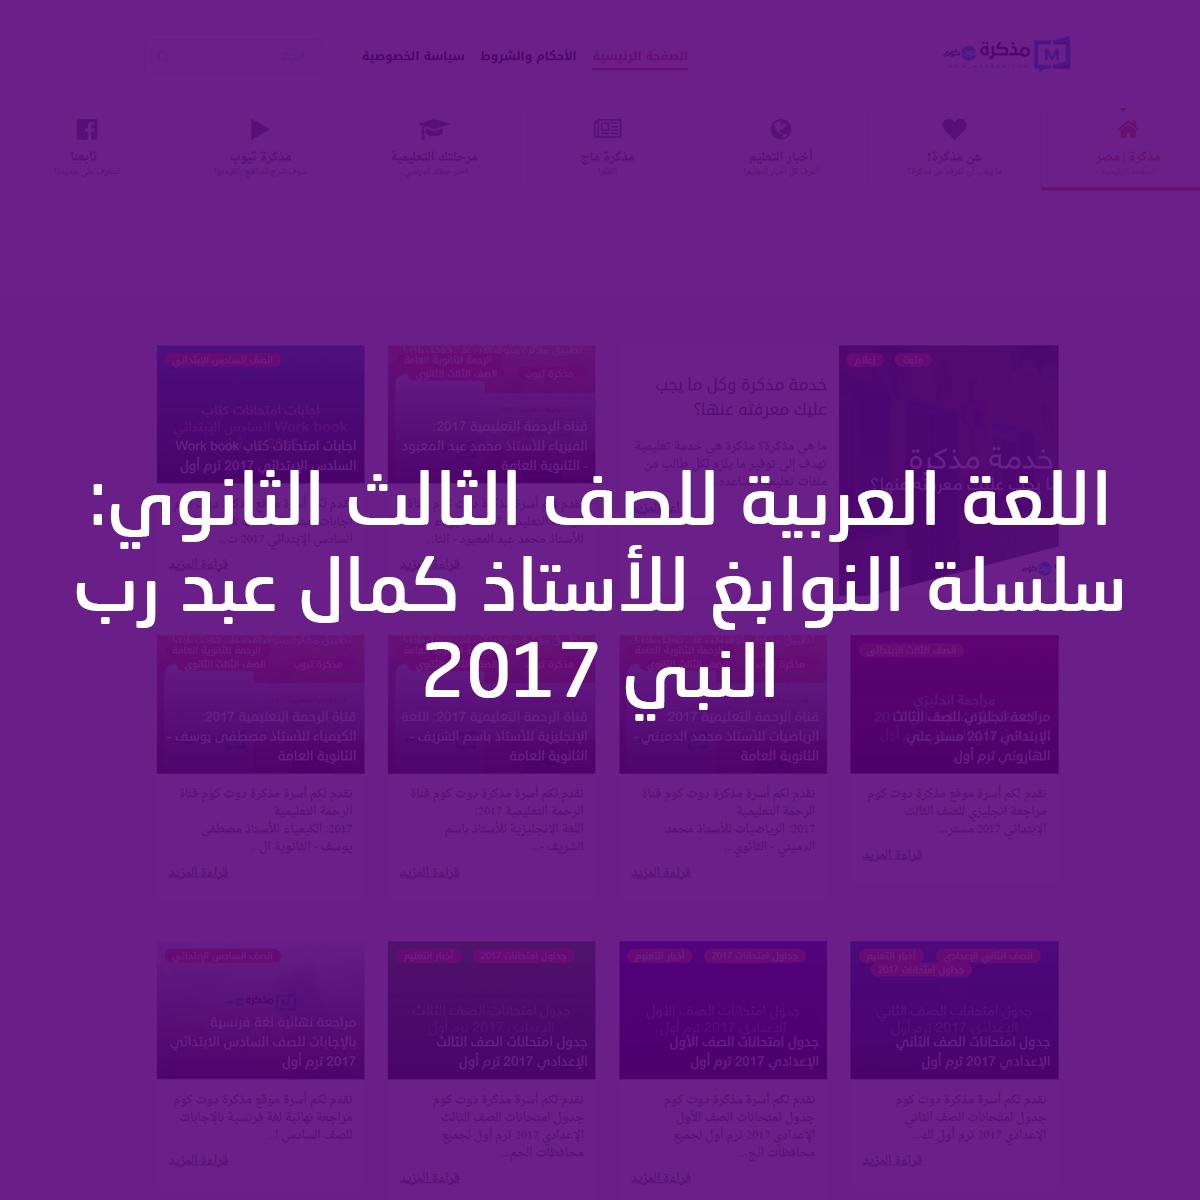 اللغة العربية للصف الثالث الثانوي: سلسلة النوابغ للأستاذ كمال عبد رب النبي 2017